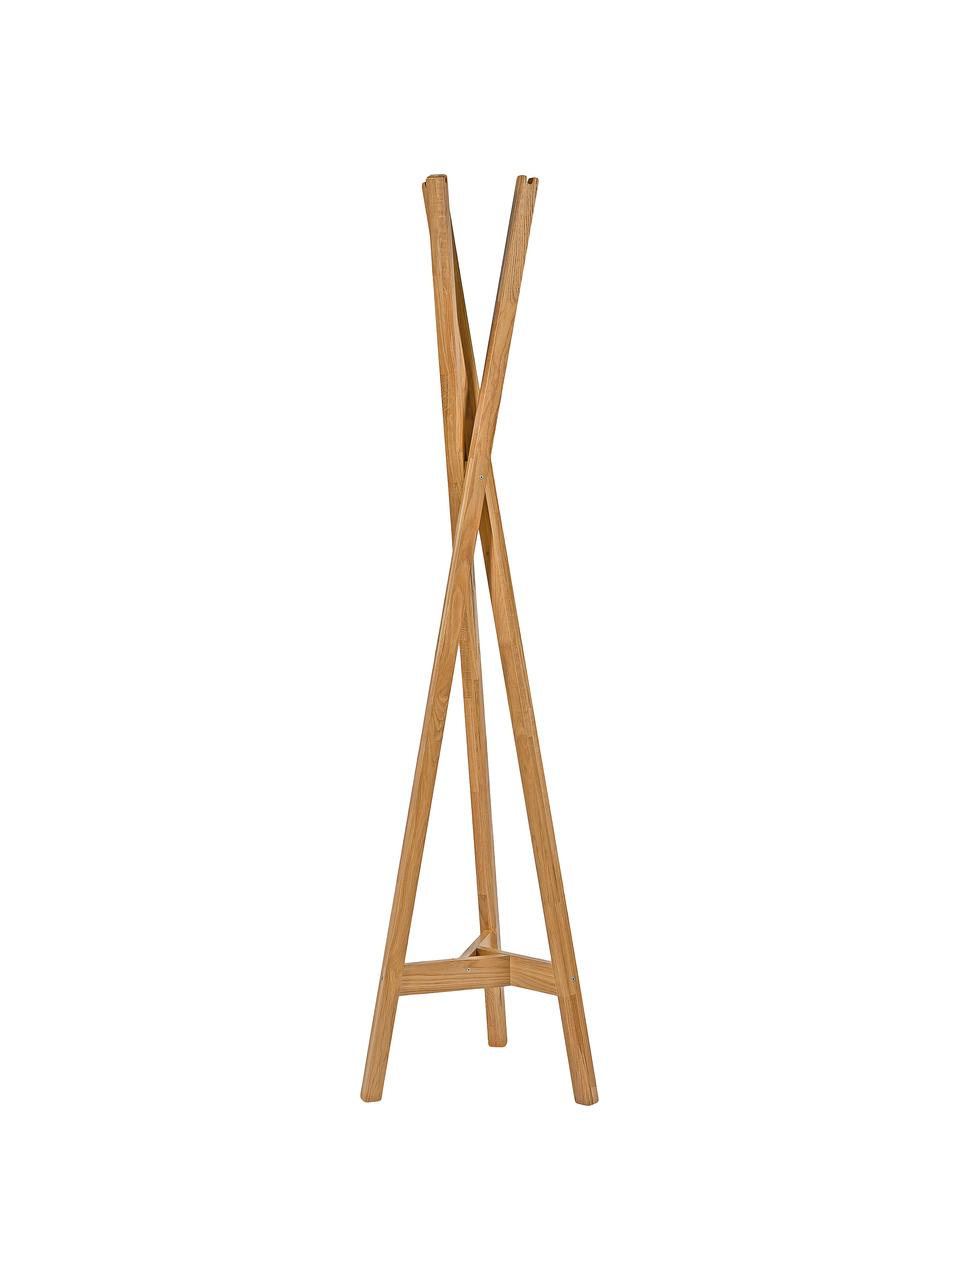 Kleiderständer Clift aus Eichenholz, Eichenholz, massiv, Eichenholz, 35 x 175 cm